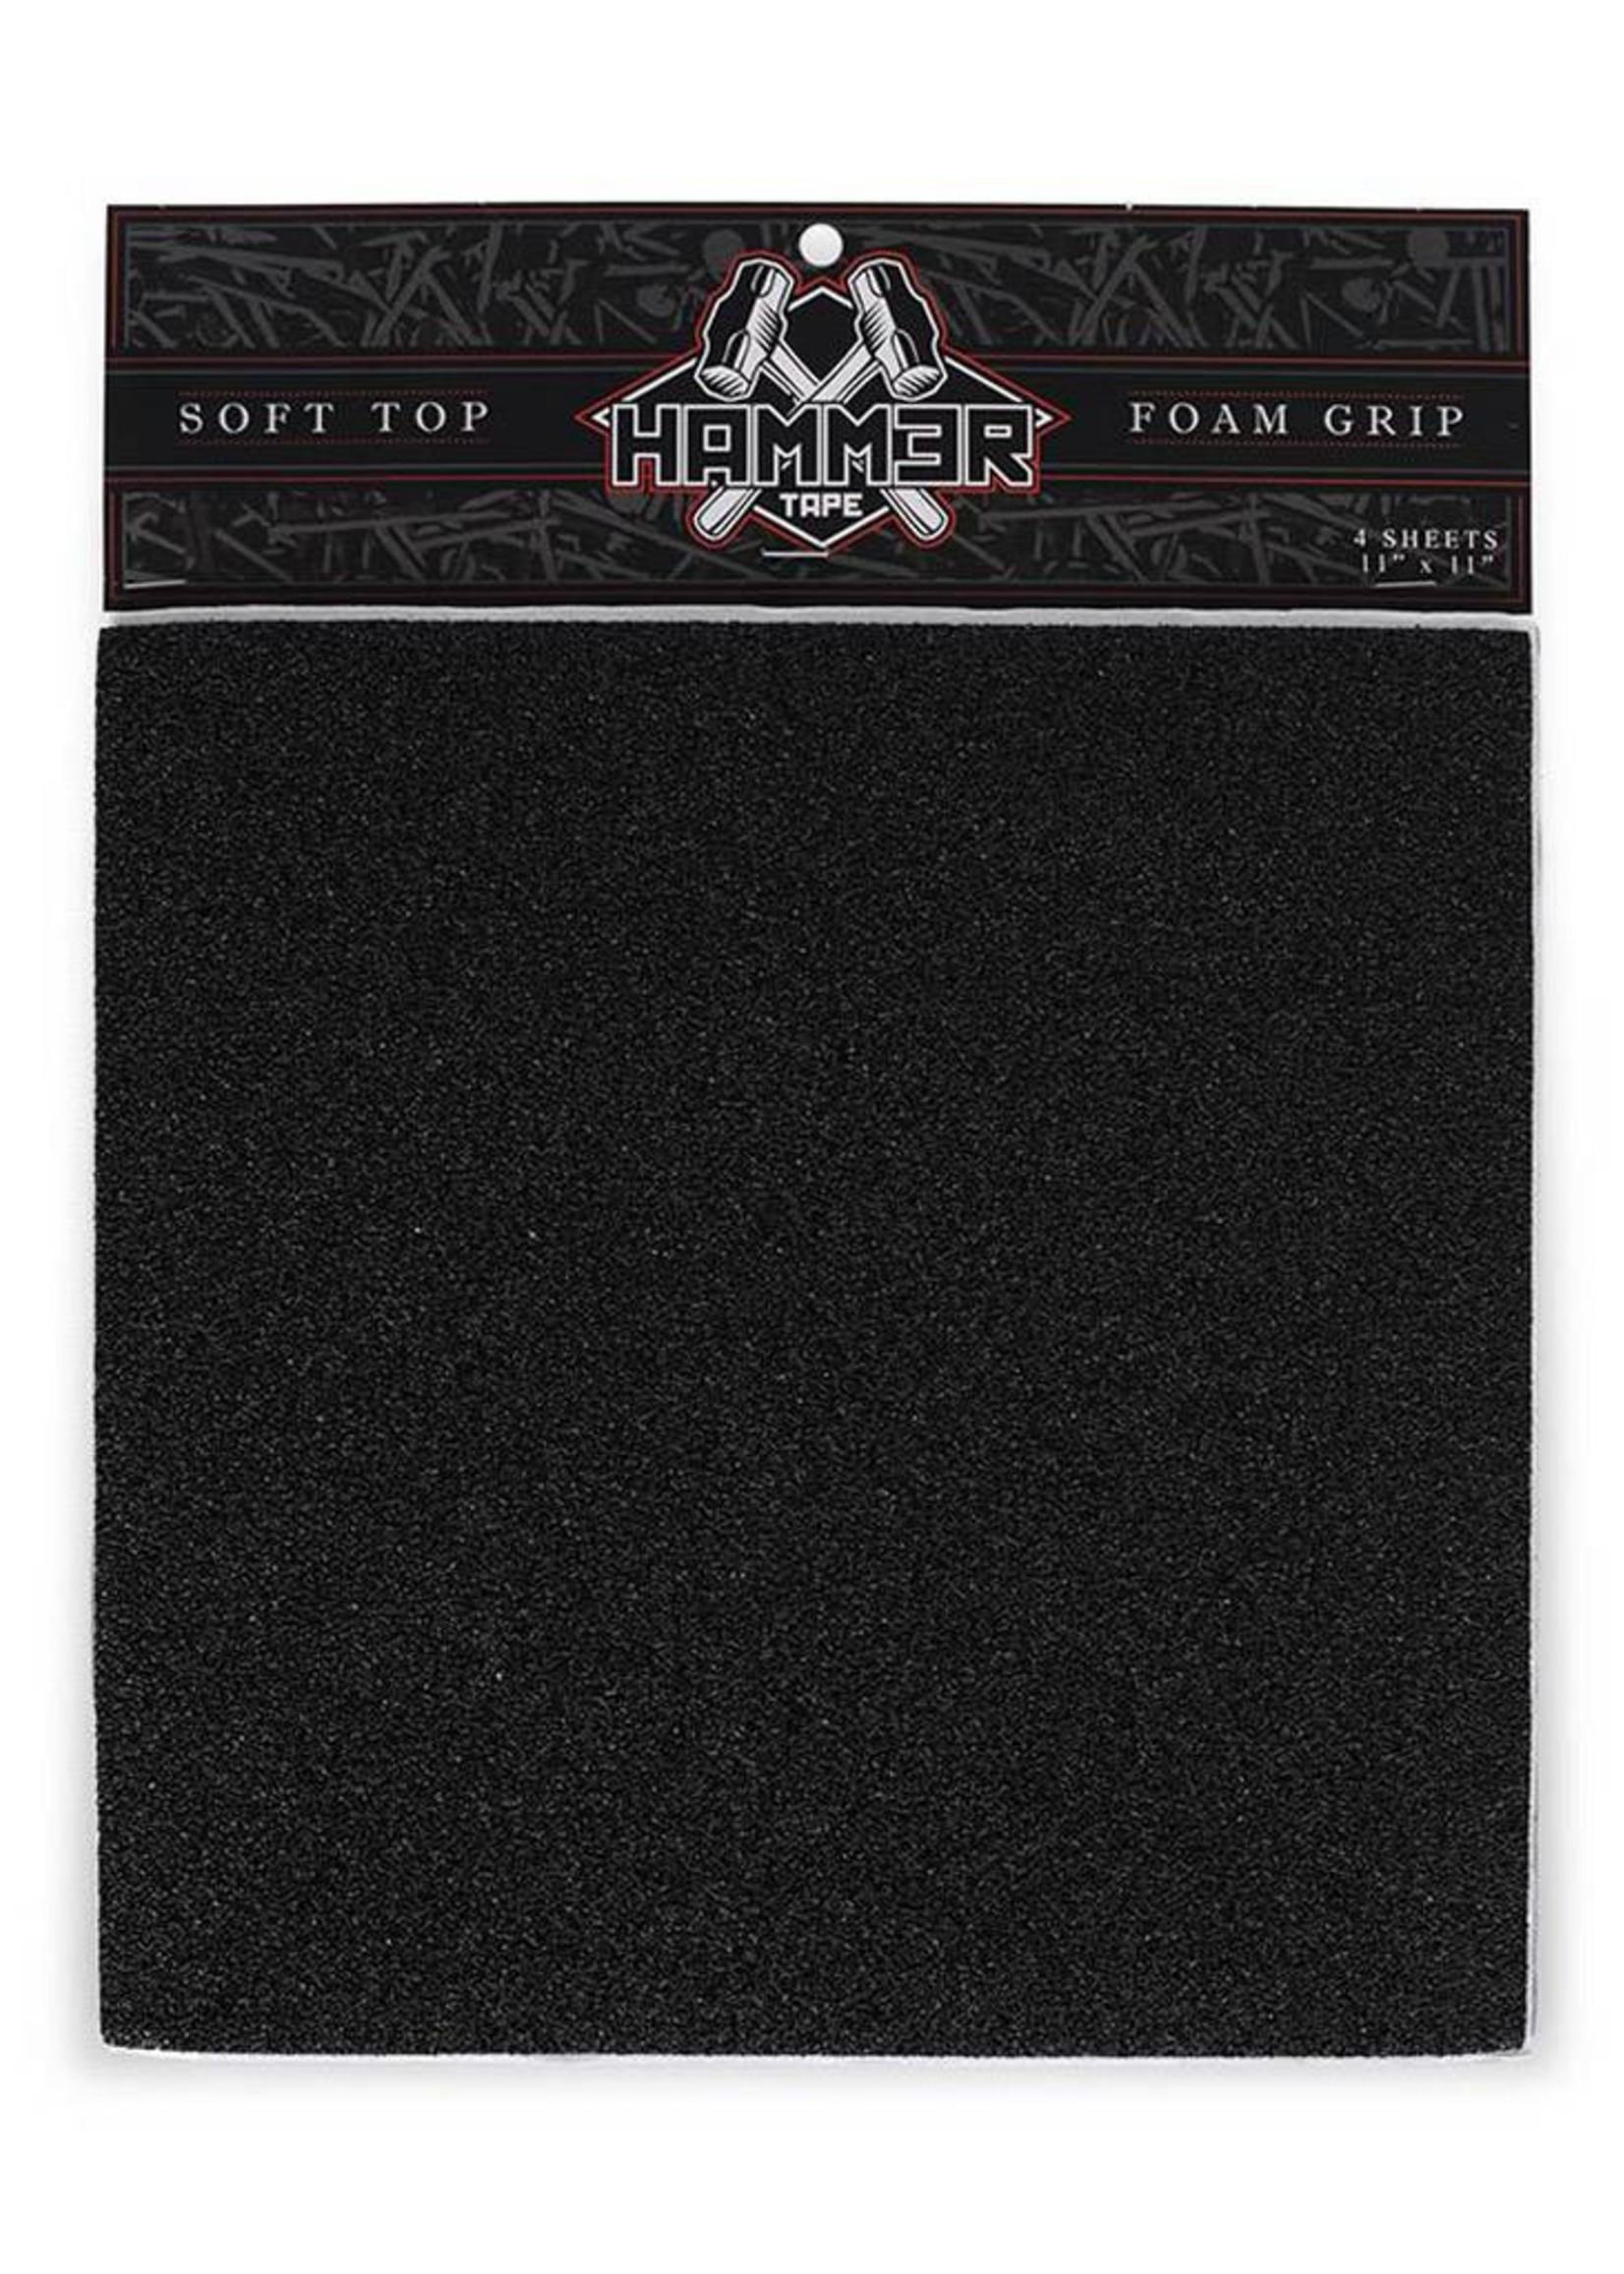 Hammer Tape Hammer Foam Grip 36er-Korn Black 4 Matten à 28 x 28 cm